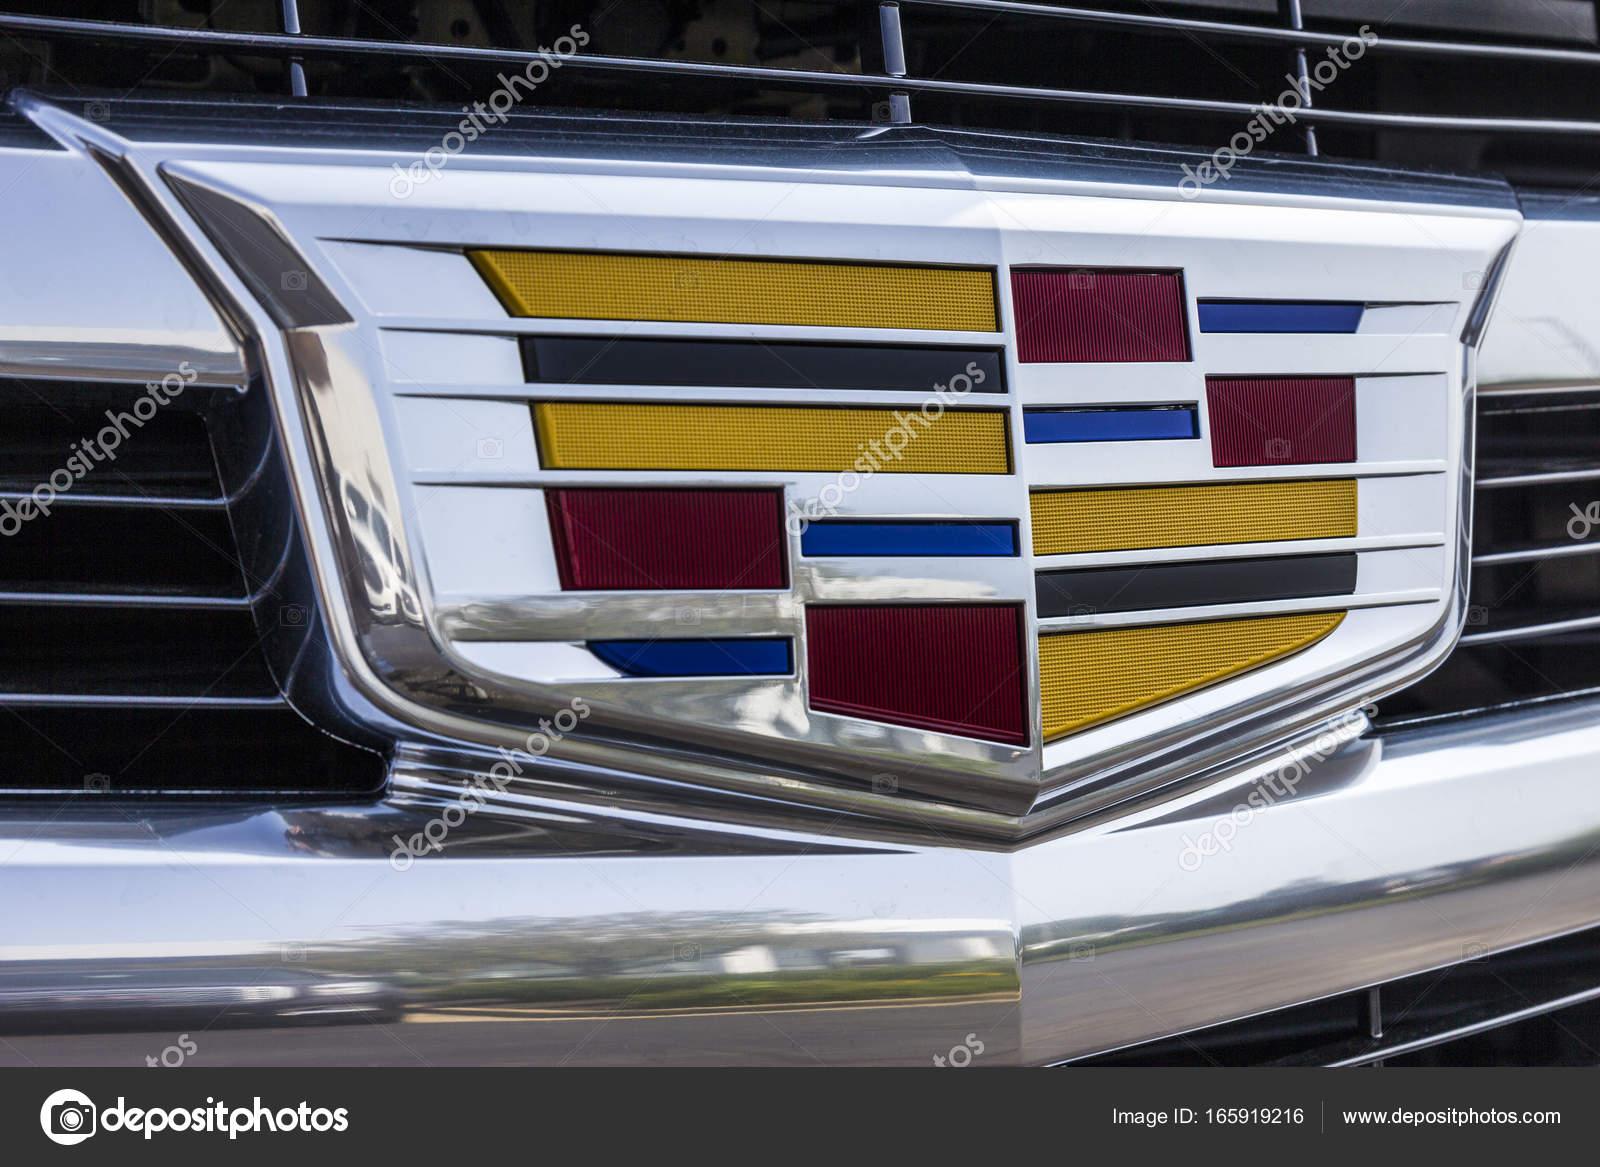 Kokomo Circa September 2017 Cadillac Automobile Dealership